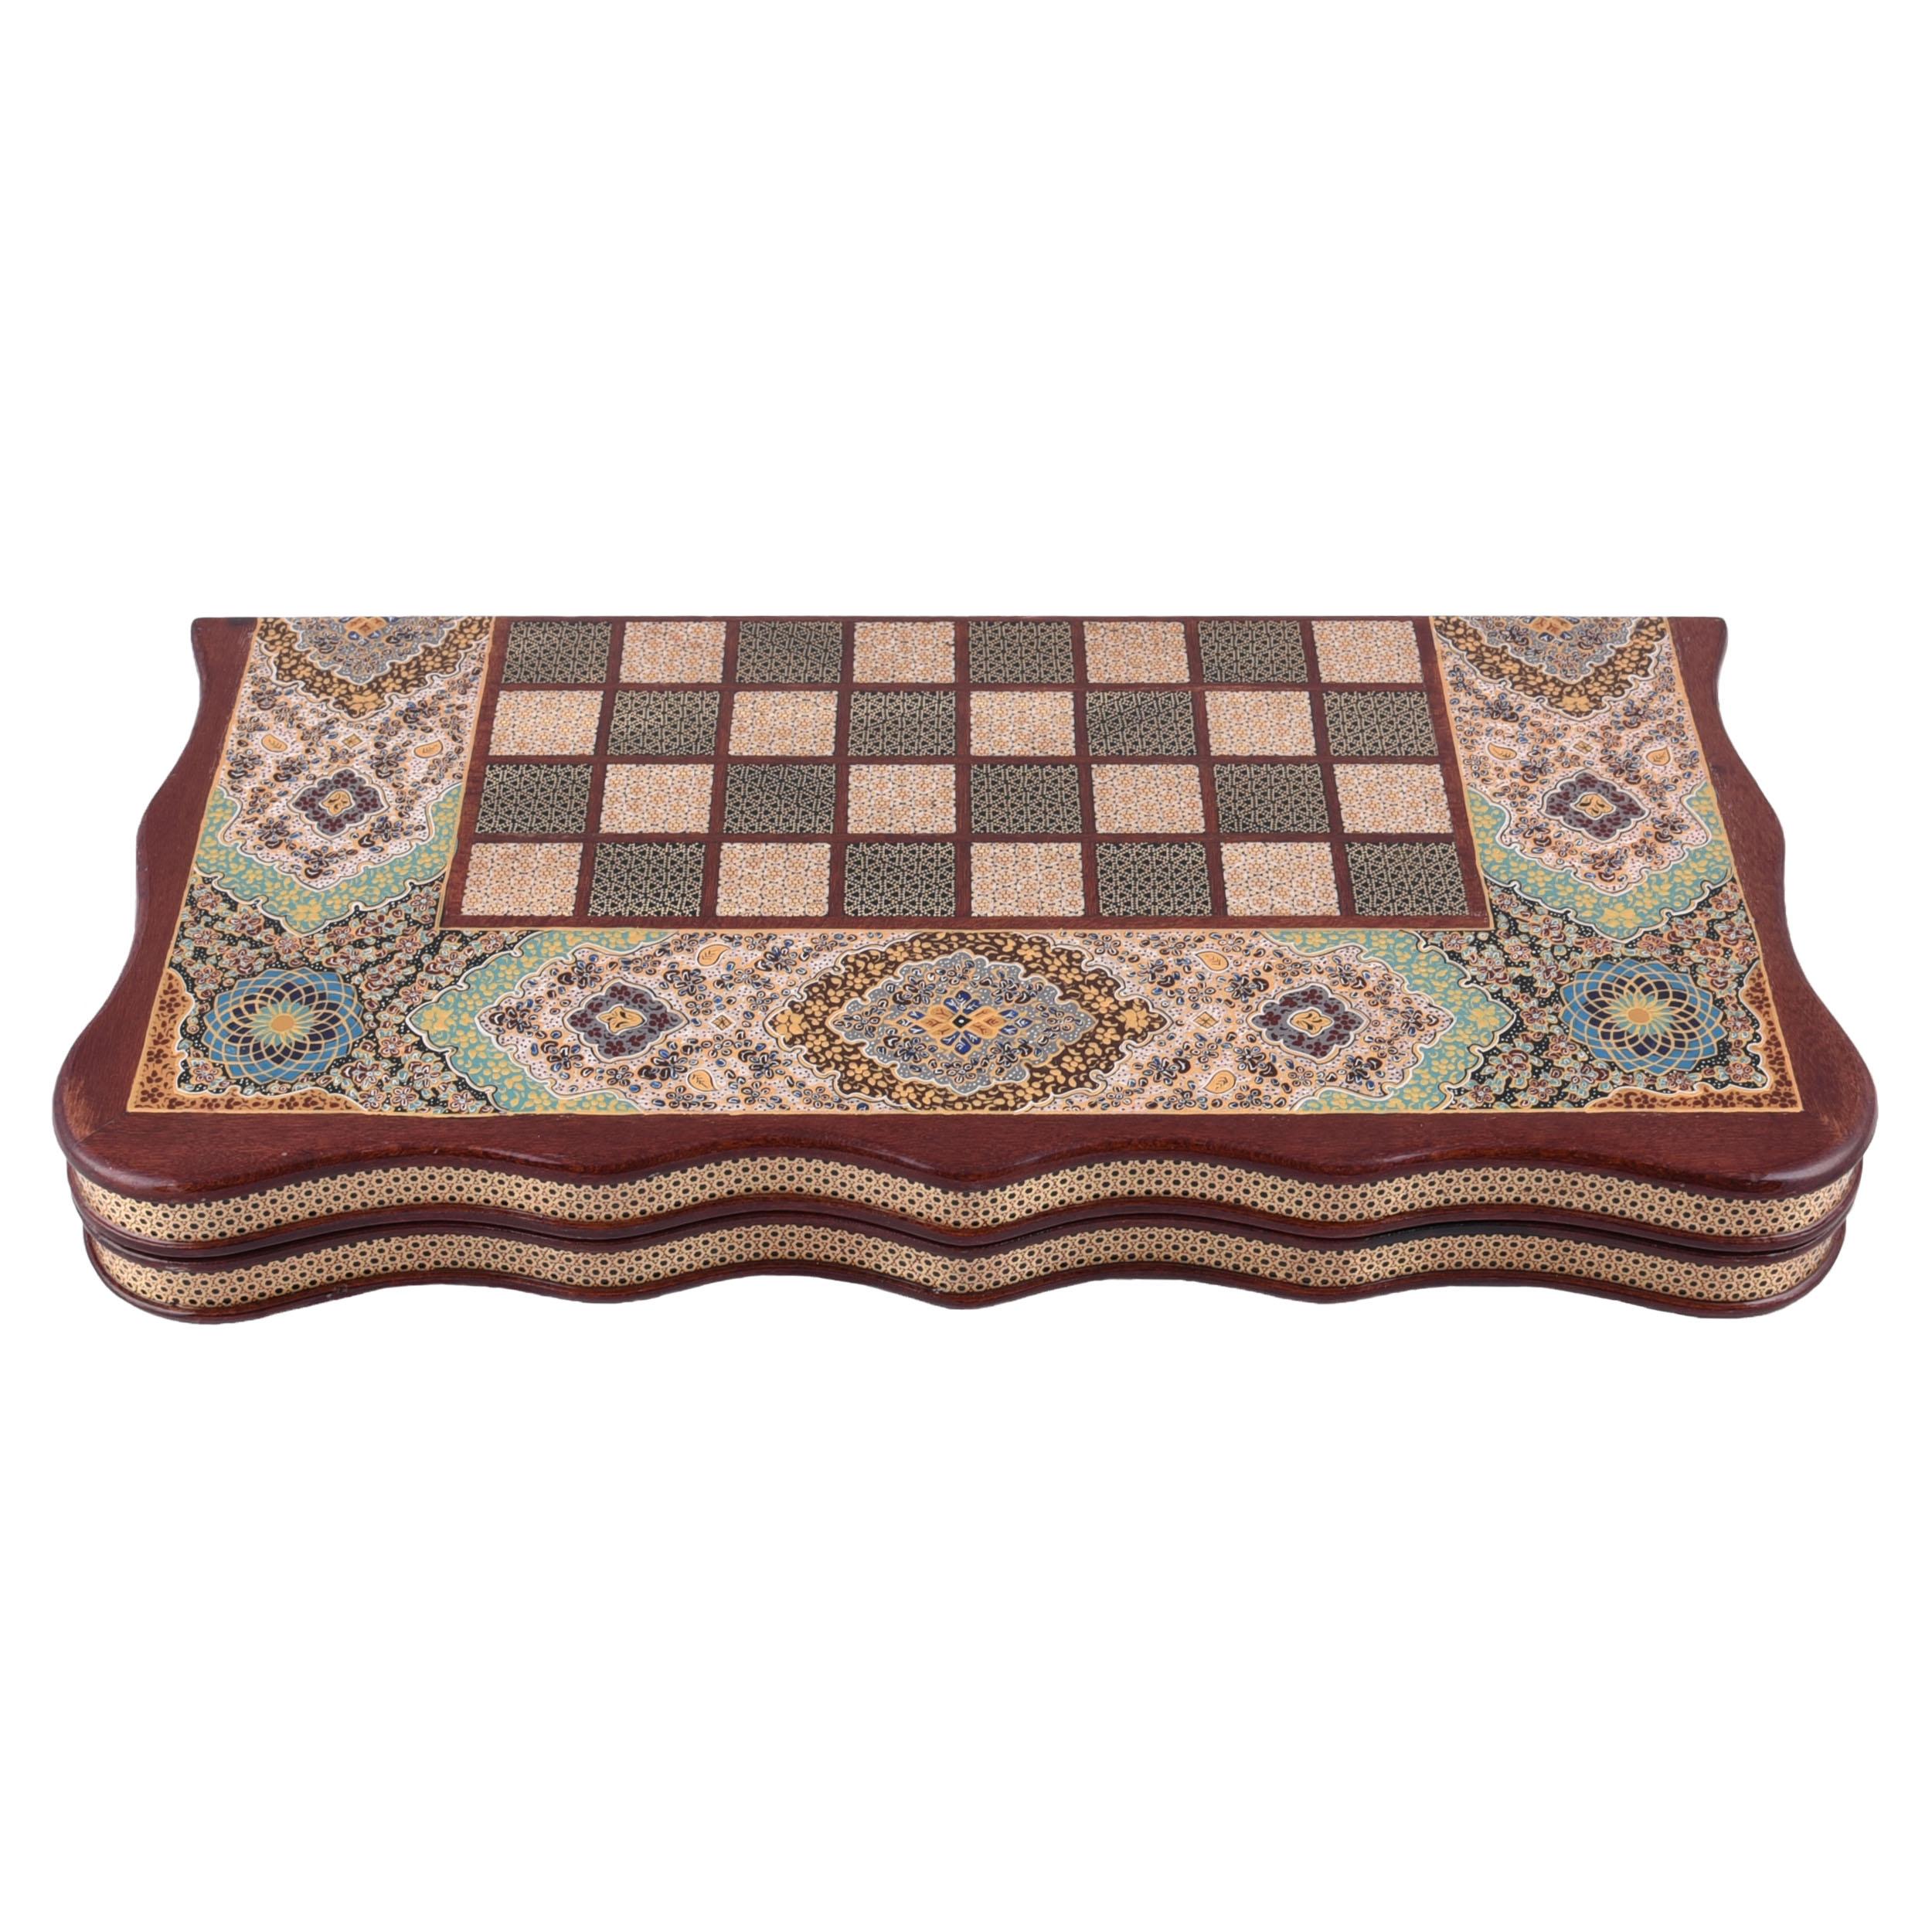 صفحه شطرنج خاتم کاری کروبی مدل K30 کد 50